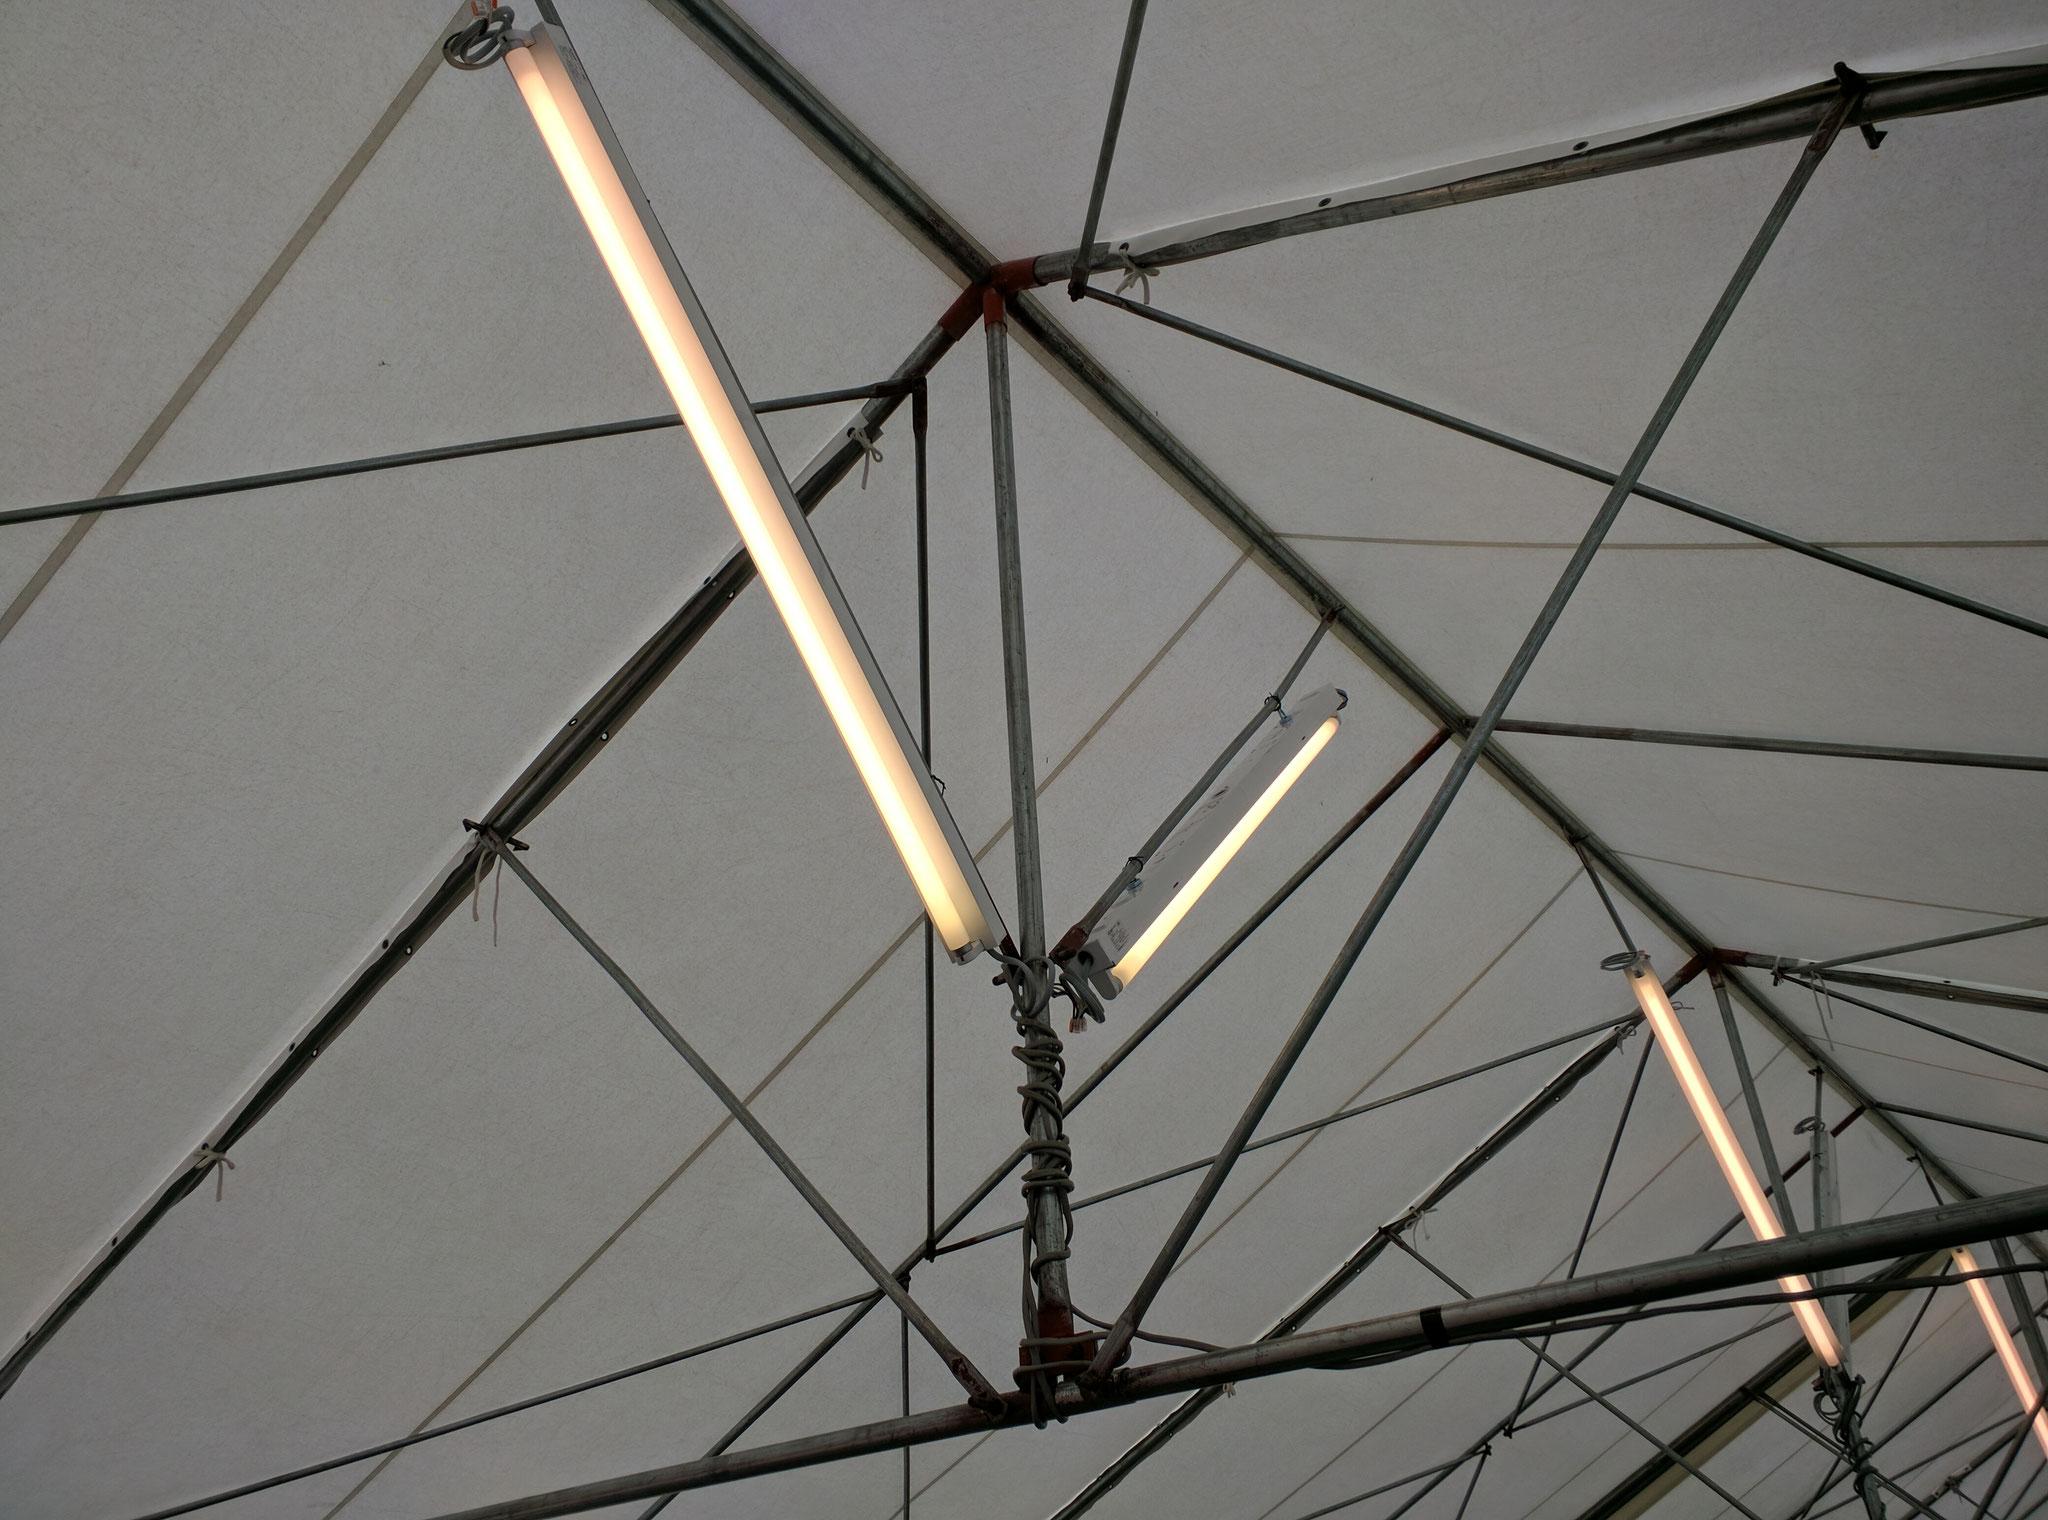 富士宮市 イベント テント内 照明器具貸出